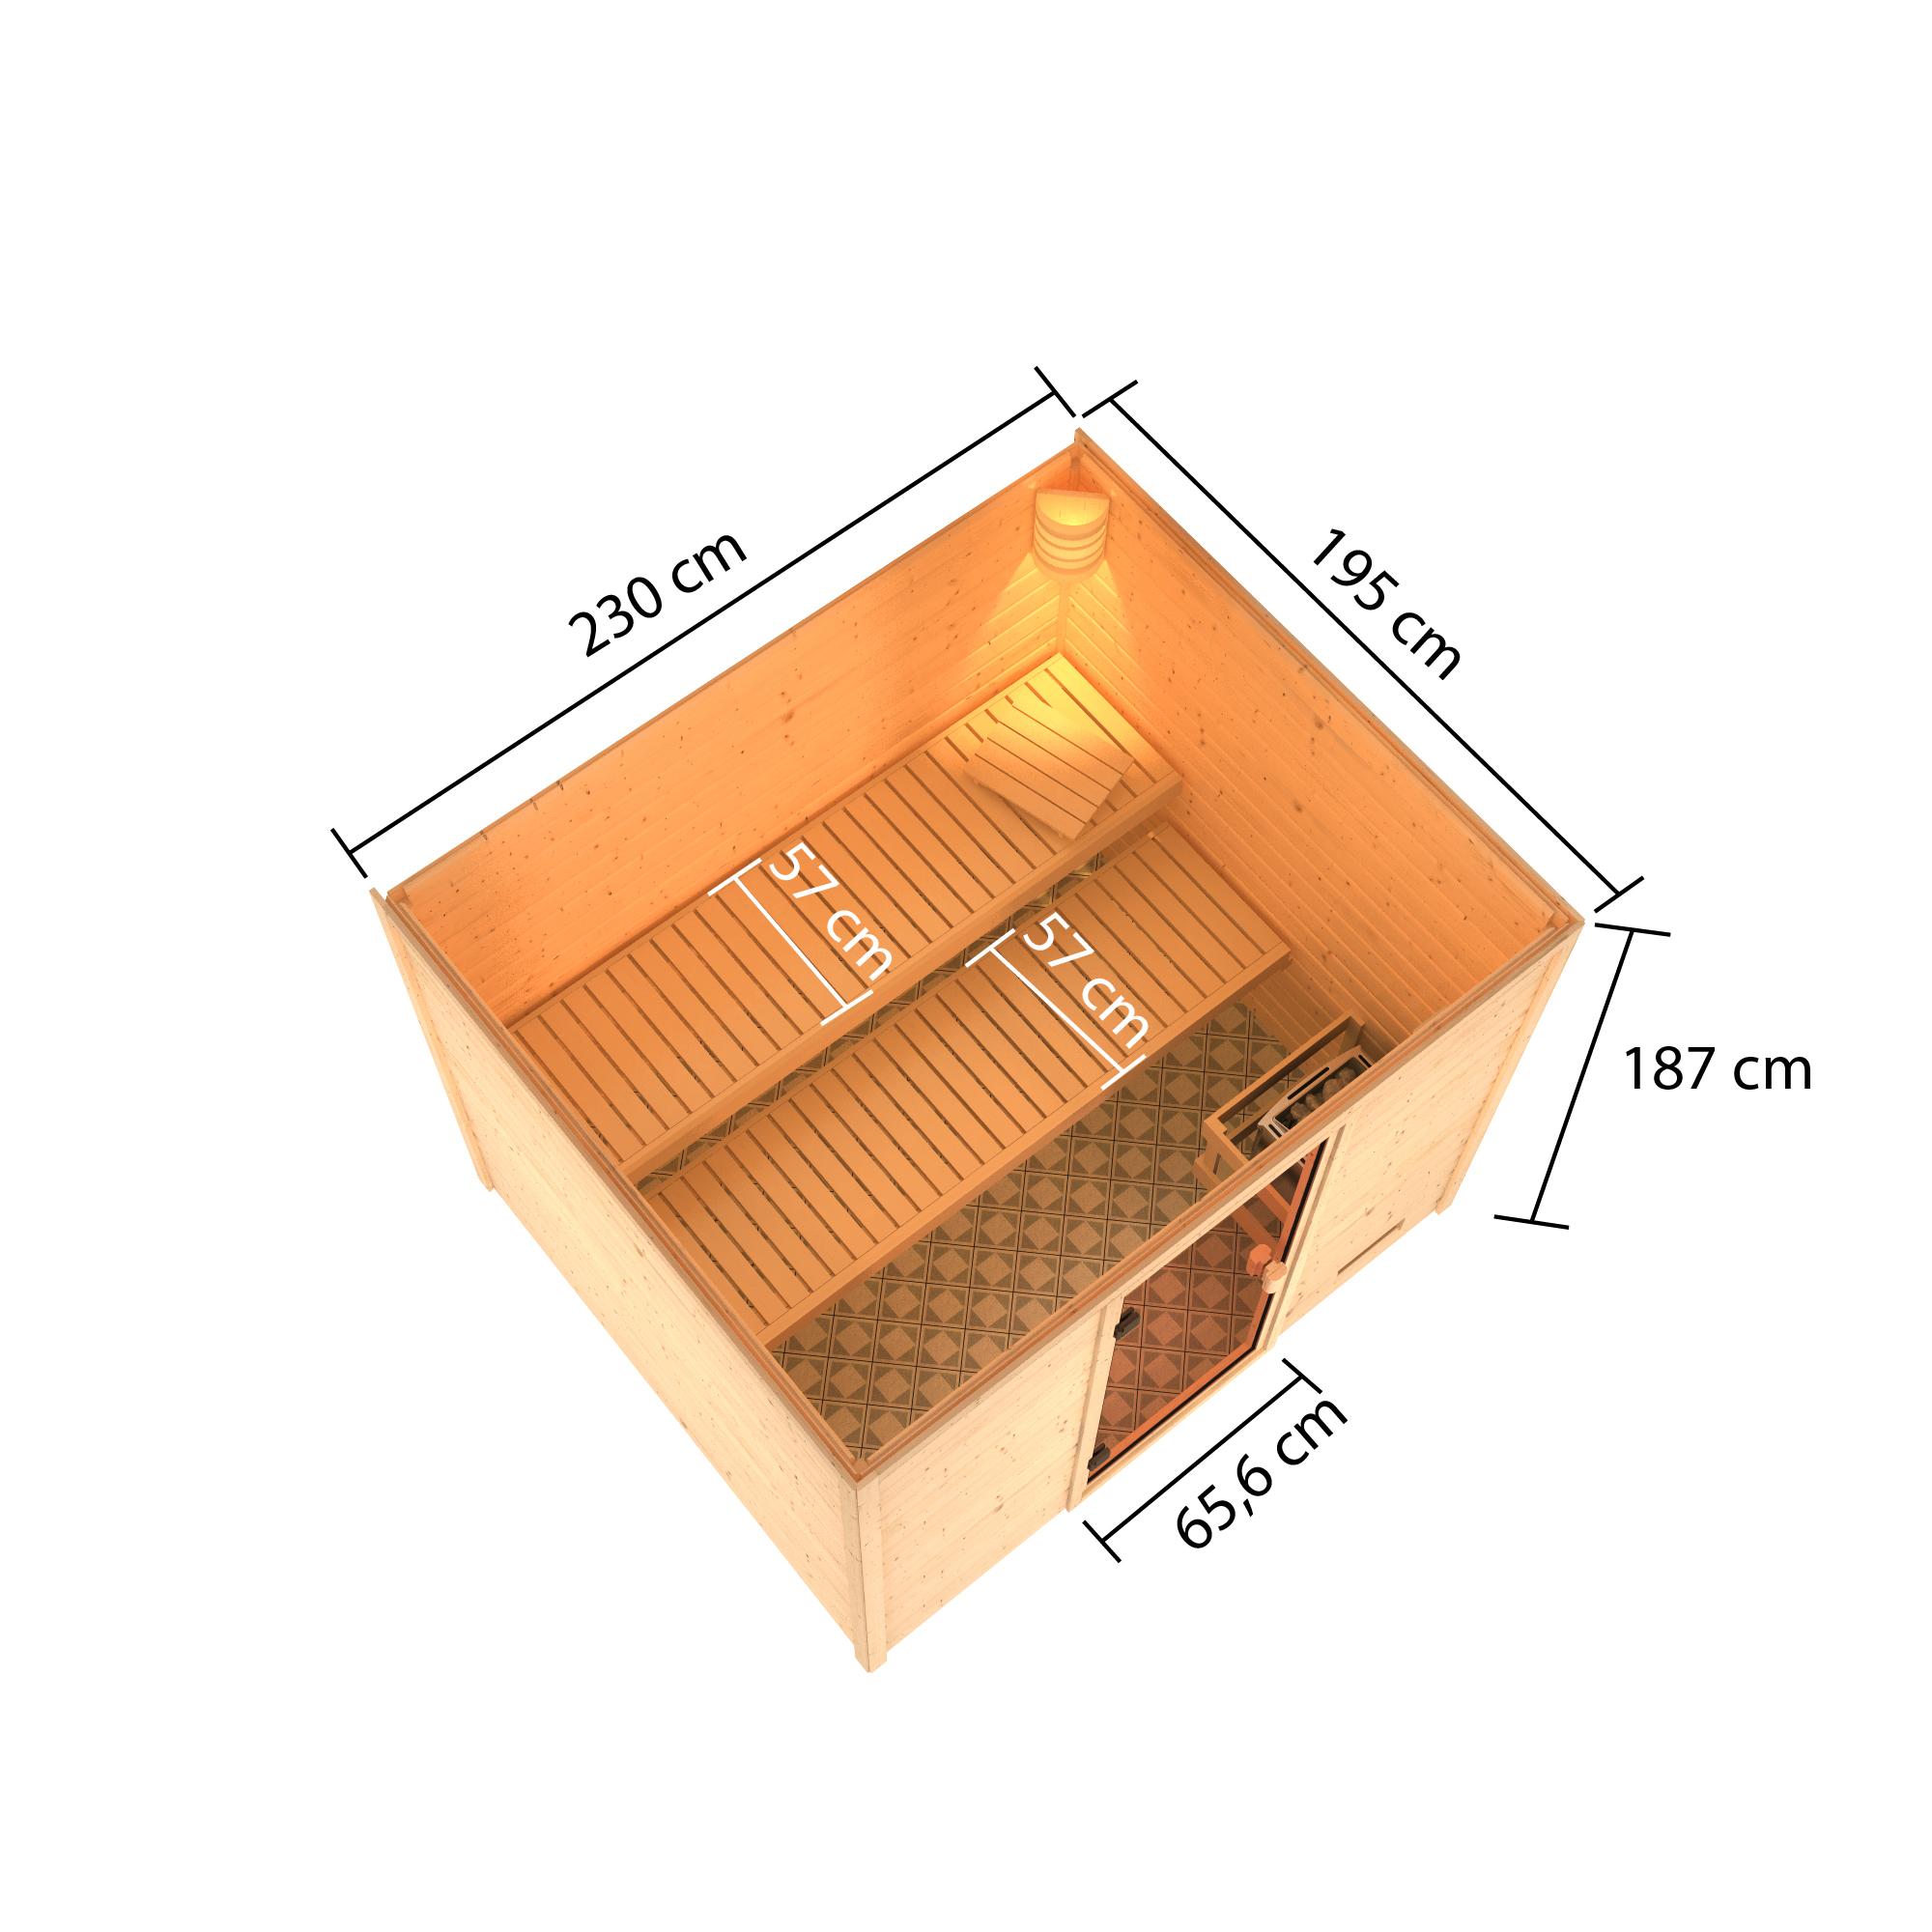 Woodfeeling Sauna Katja 38mm Saunaofen 9kW extern Bild 3